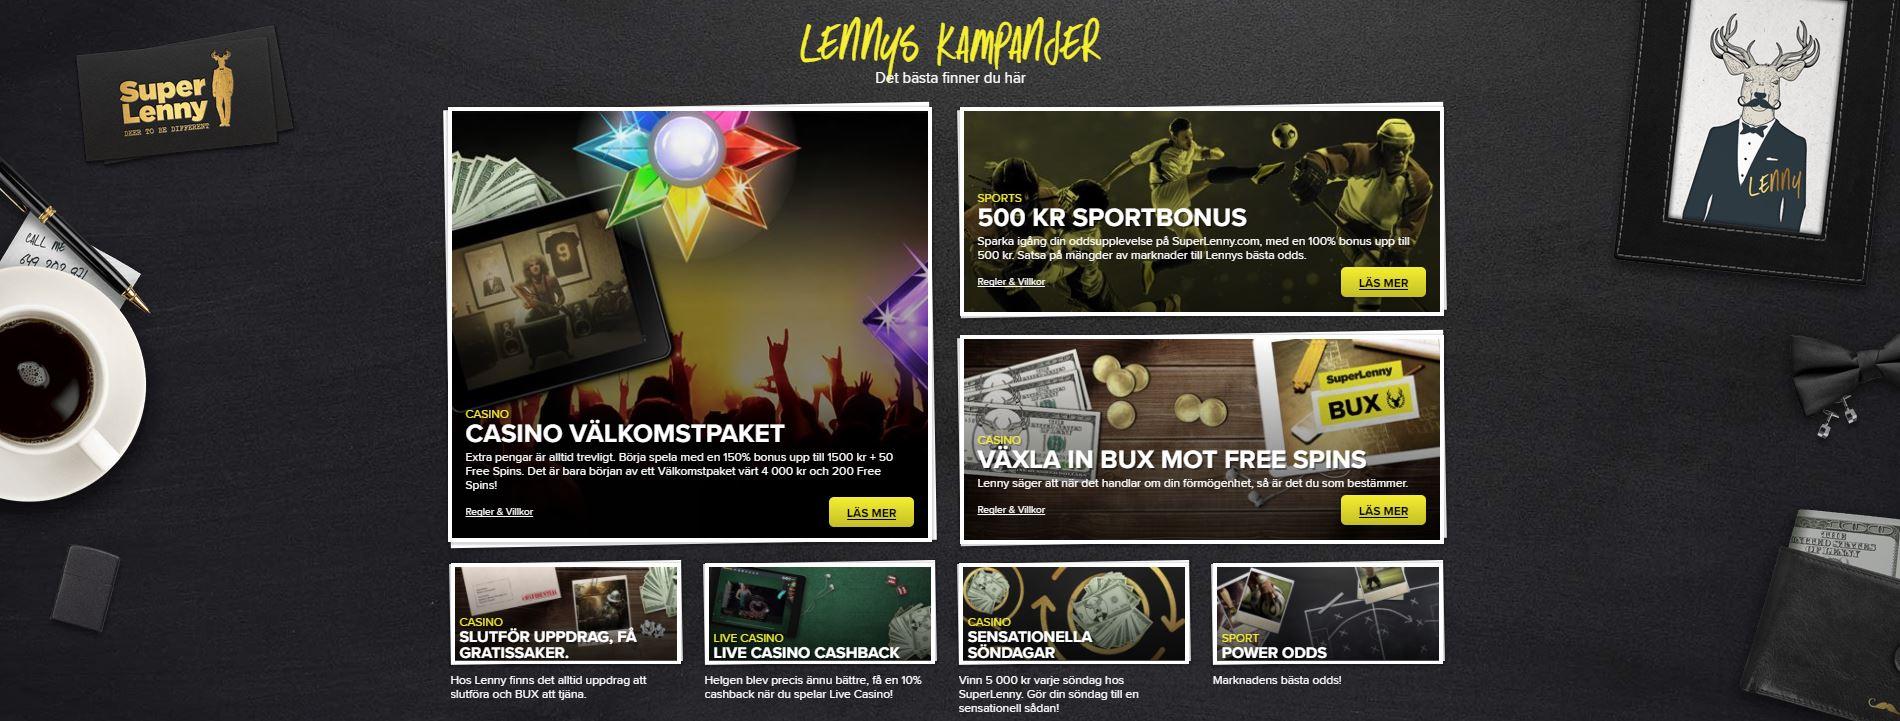 Casino Regeln Eindhoven 85356